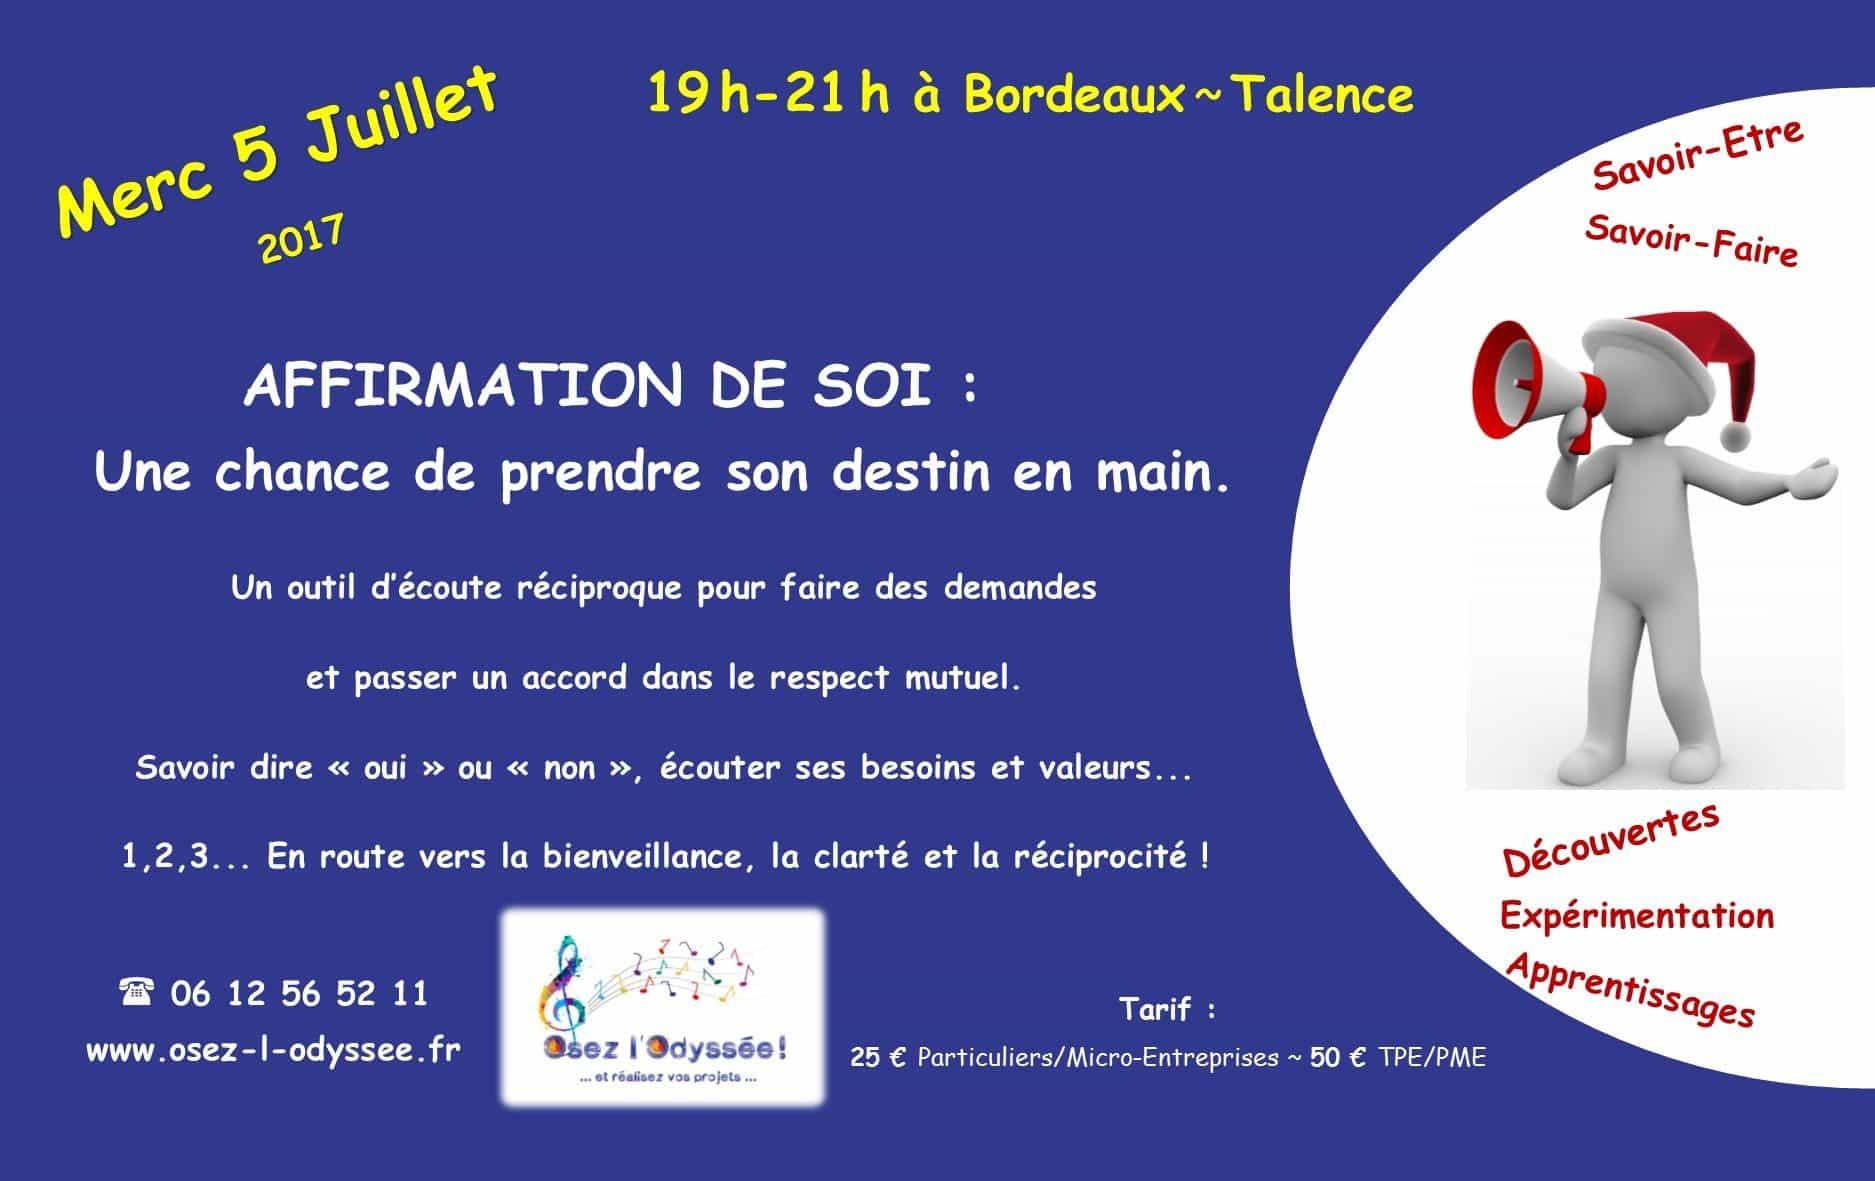 Atelier Coaching à Bordeaux 2017 Affirmation de soi Osez l'Odyssee